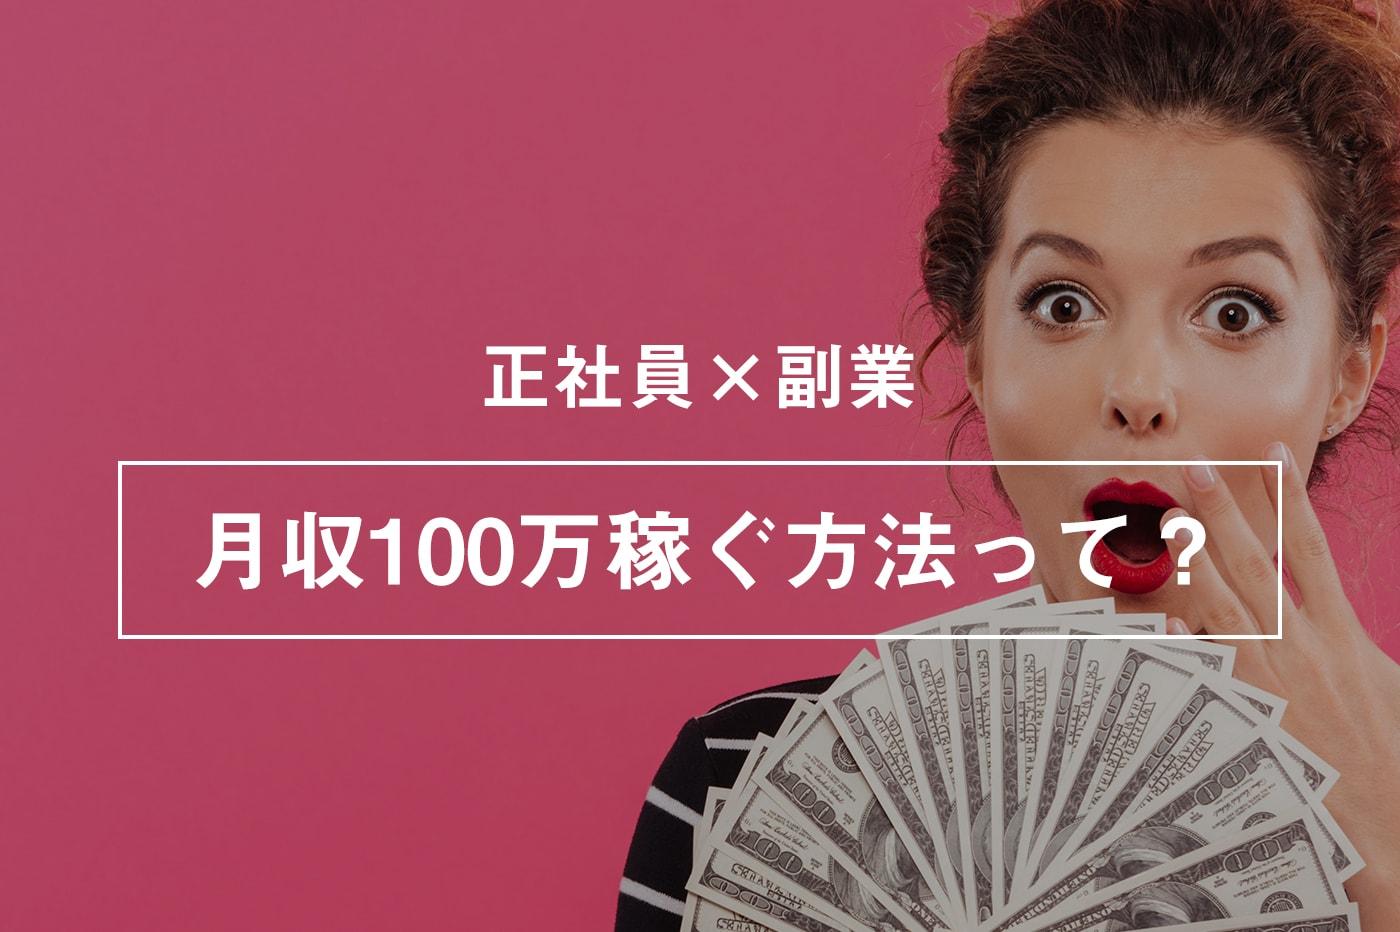 【正社員×副業】ITスキルを使って月収100万稼ぐ方法を考えてみた!